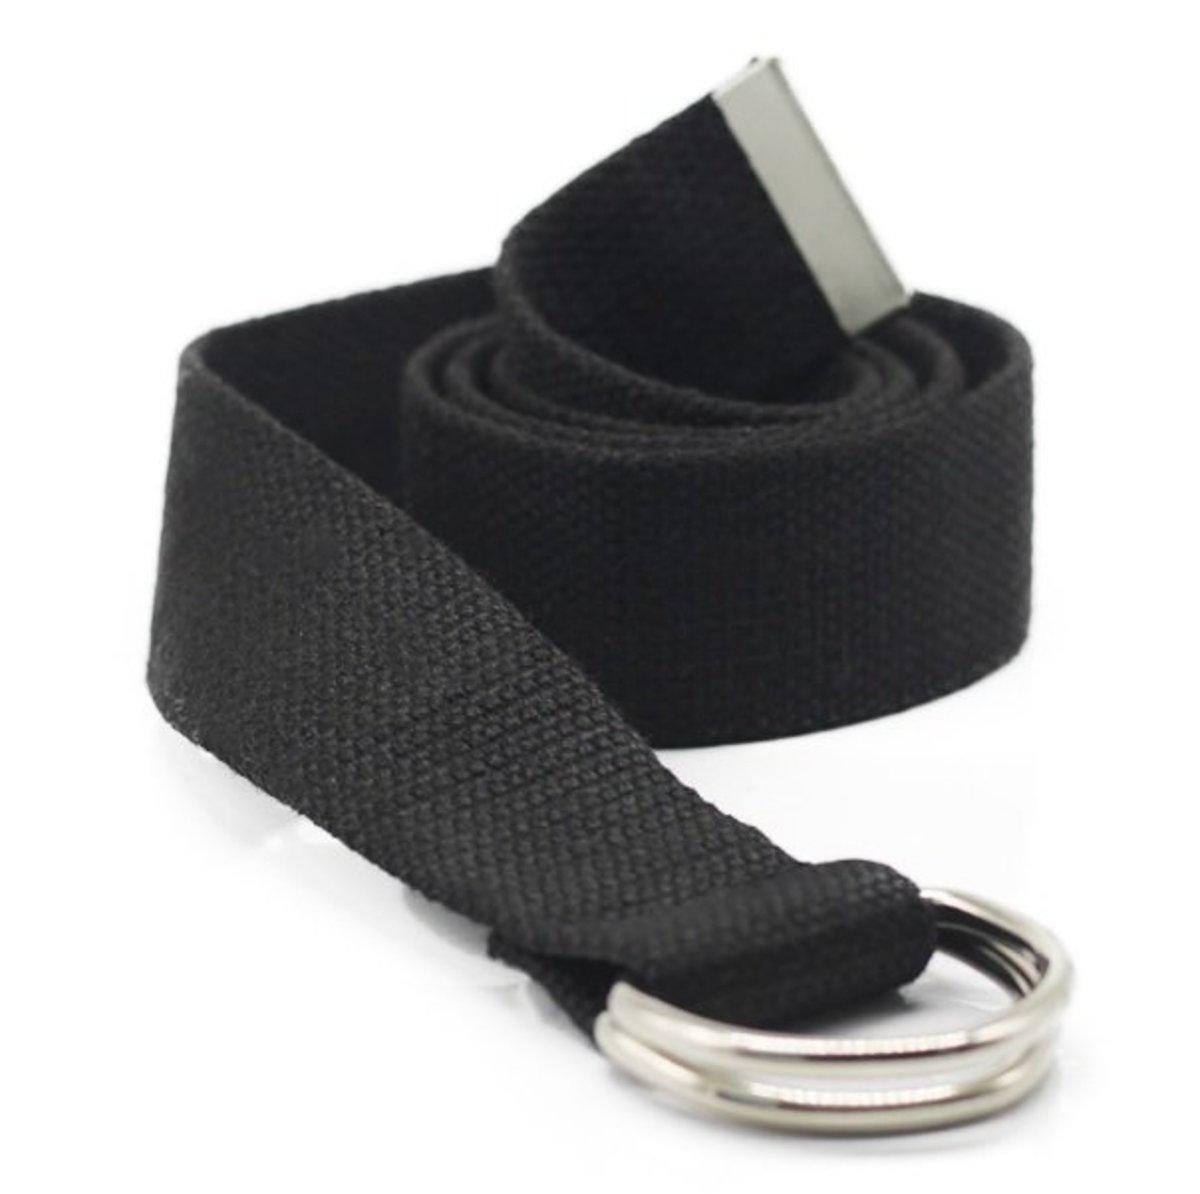 淨色帆布腰帶 (BLACK) (width:3.8cm lenght: 110cm)